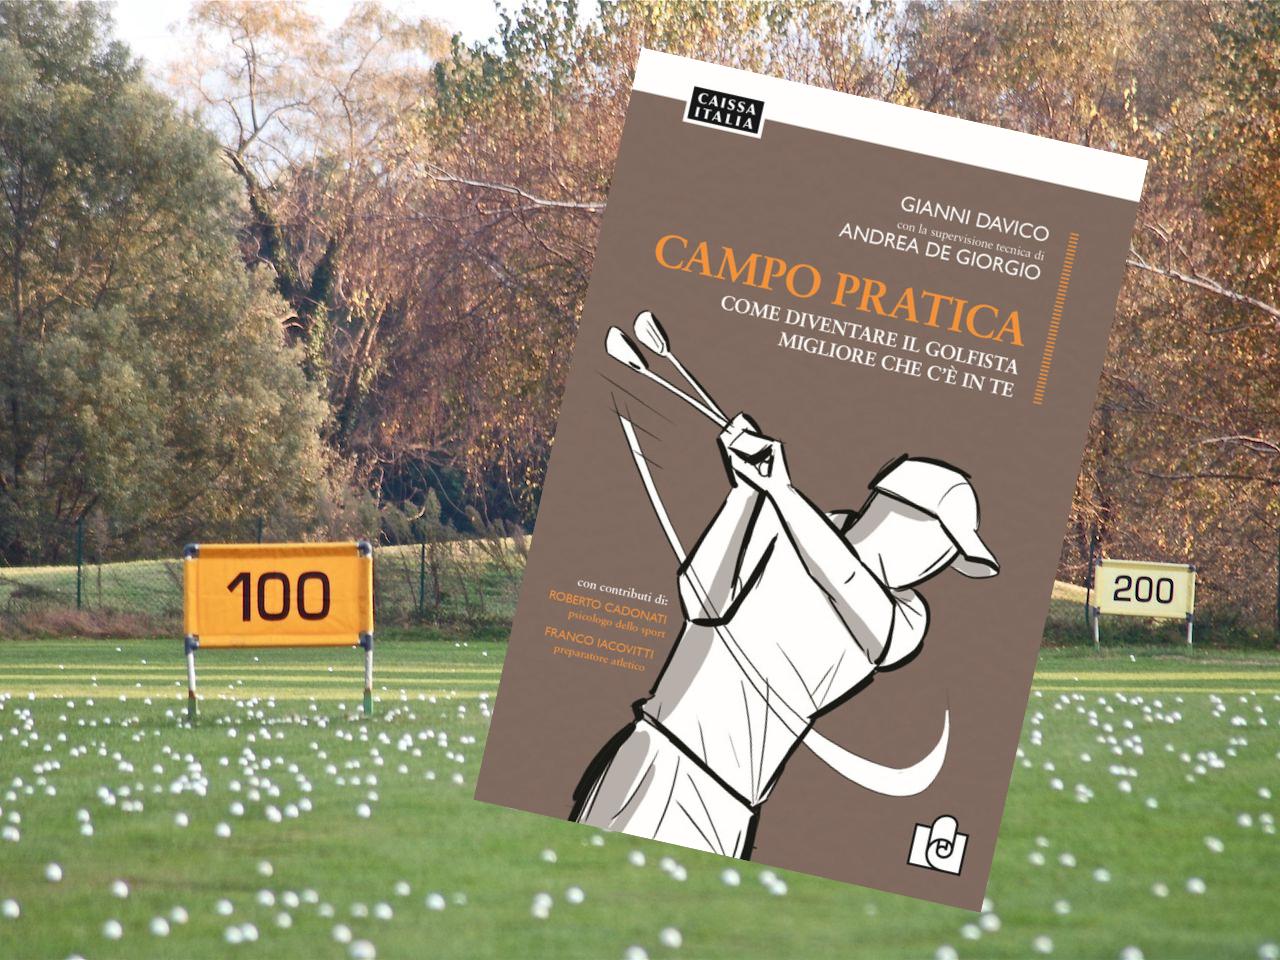 Campo Pratica: Come diventare  il golfista migliore che c'è in te - Gianni Davico CampoPratica_Gianni_Davico